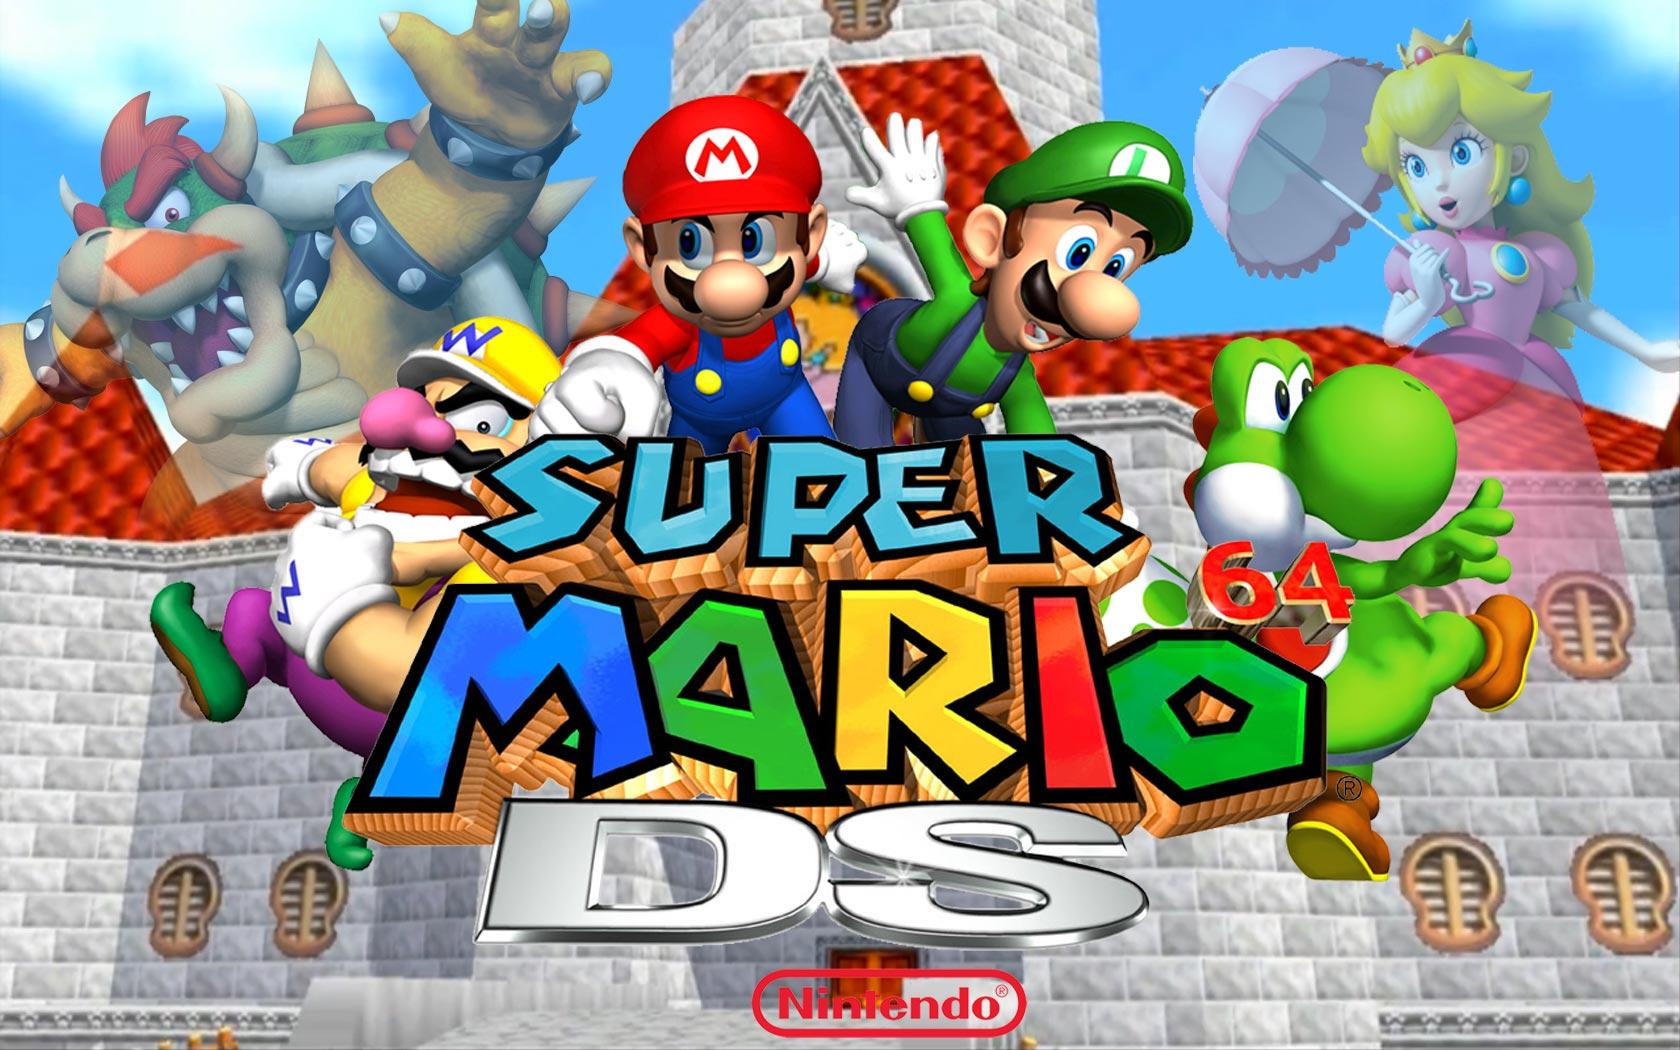 50+] Super Mario 64 Wallpaper on WallpaperSafari